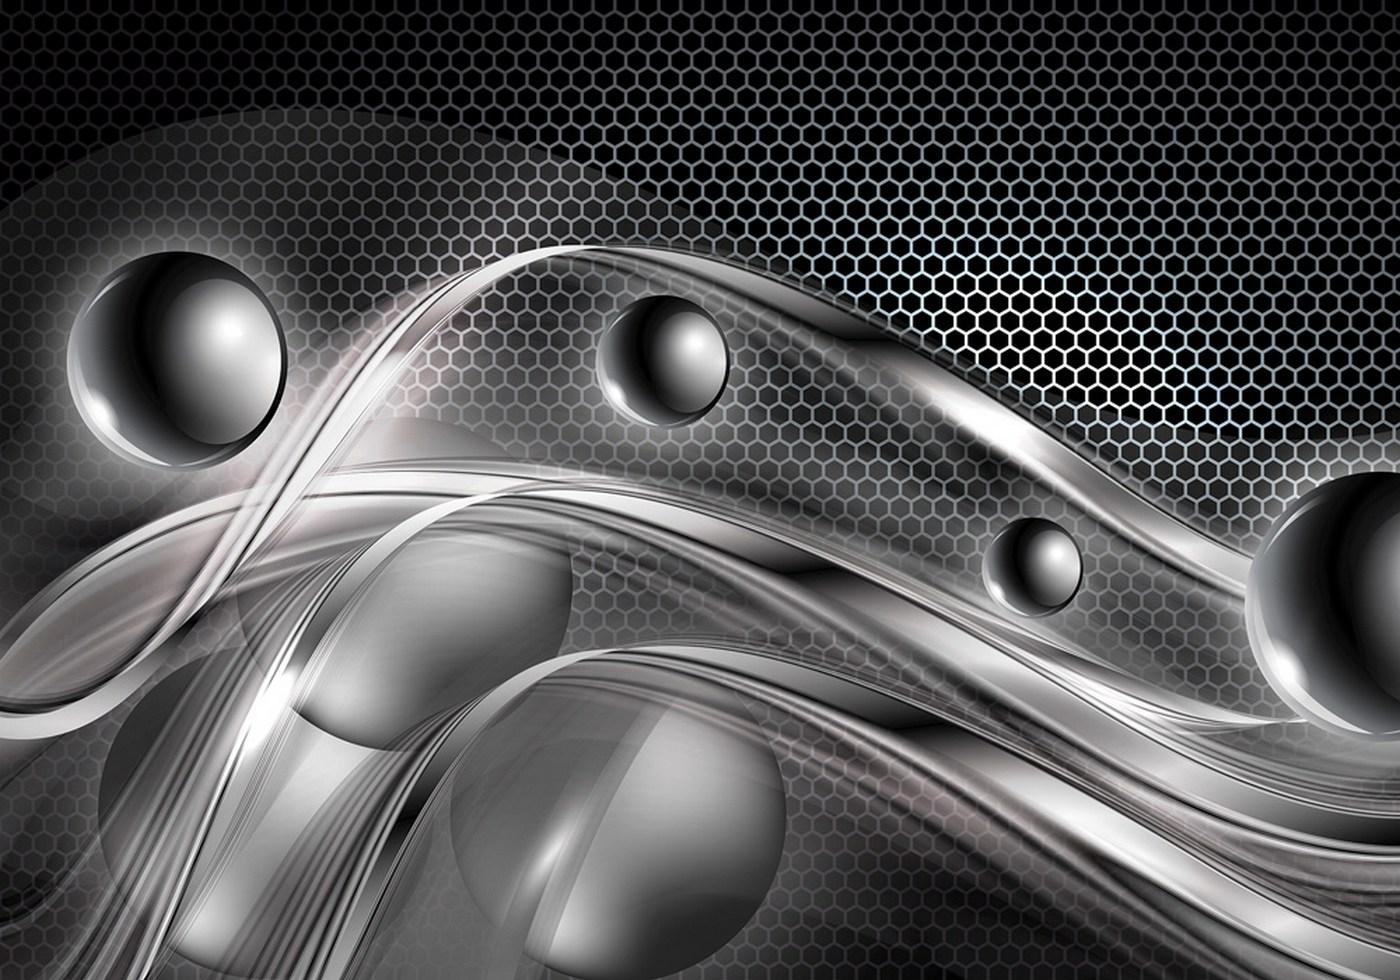 Vlies Fototapete 759 3d Tapete Abstrakt Kugeln Muster Streifen Waben 3d Grau